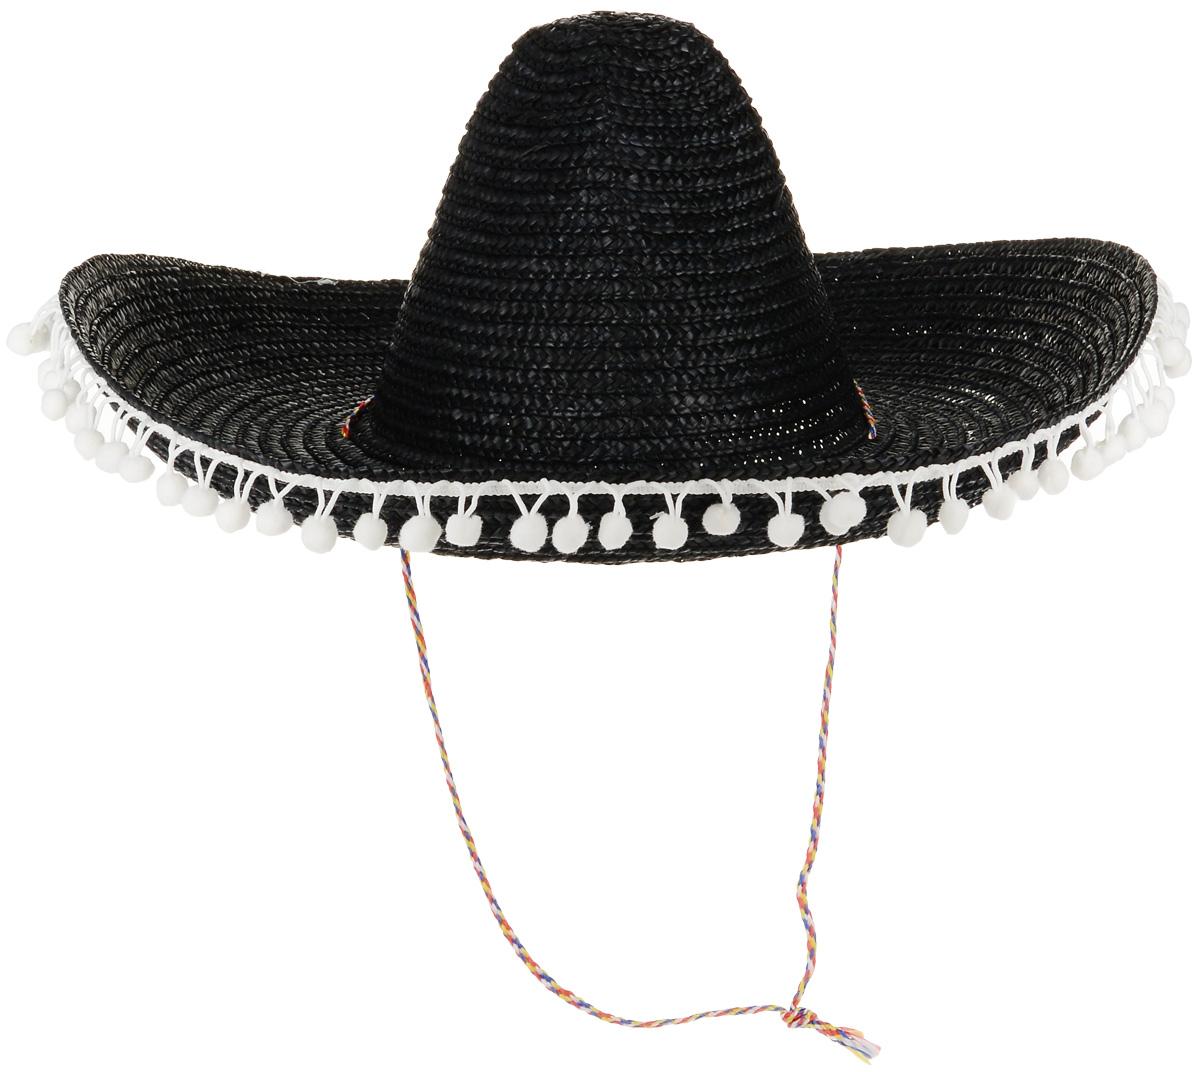 Rio Шляпа карнавальная цвет черный -  Карнавальные костюмы и аксессуары